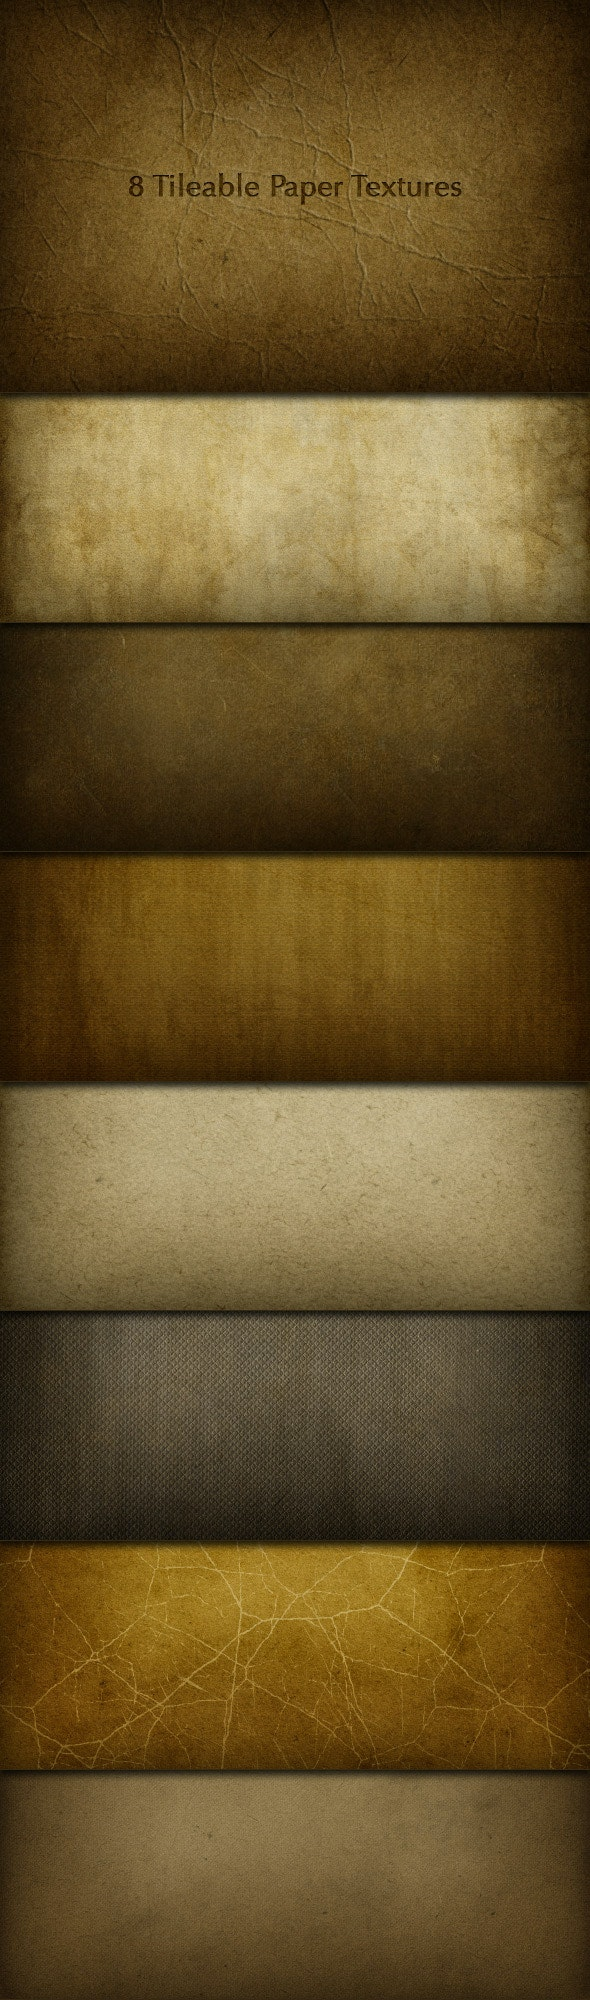 8 Tileable Paper Texture Photoshop Patterns - Miscellaneous Textures / Fills / Patterns